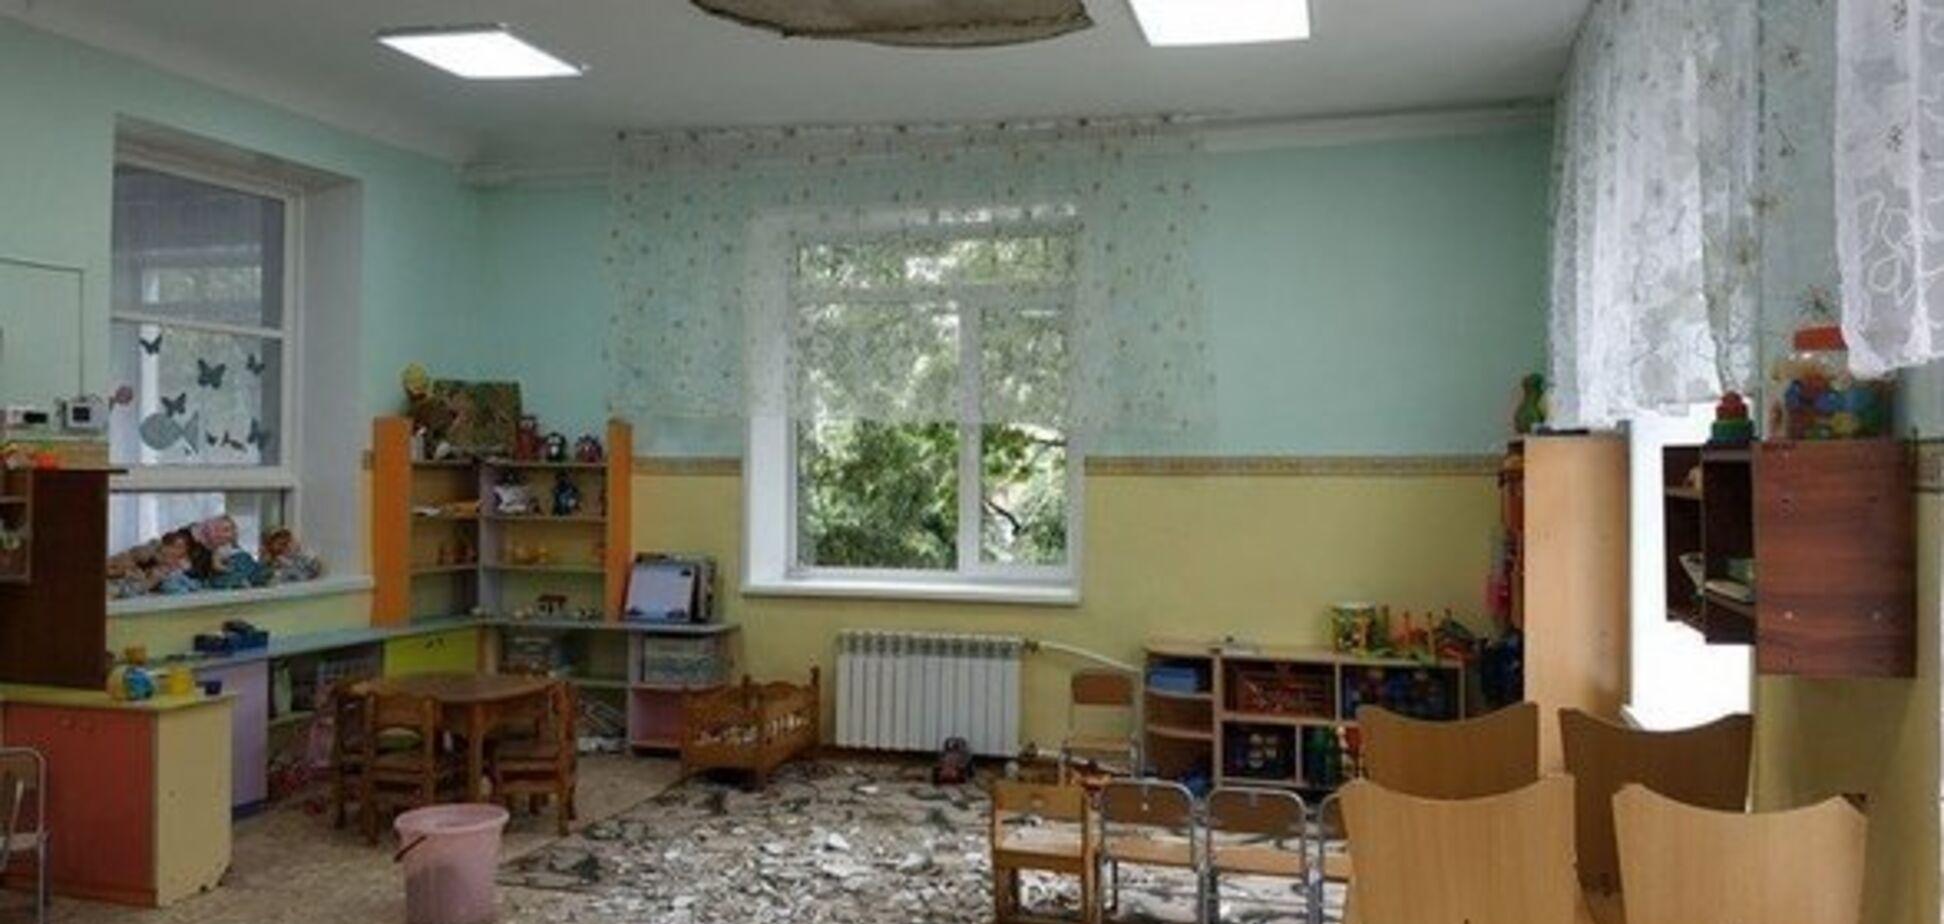 В российском детском саду с потолка упала штукатурка: пострадали трое детей